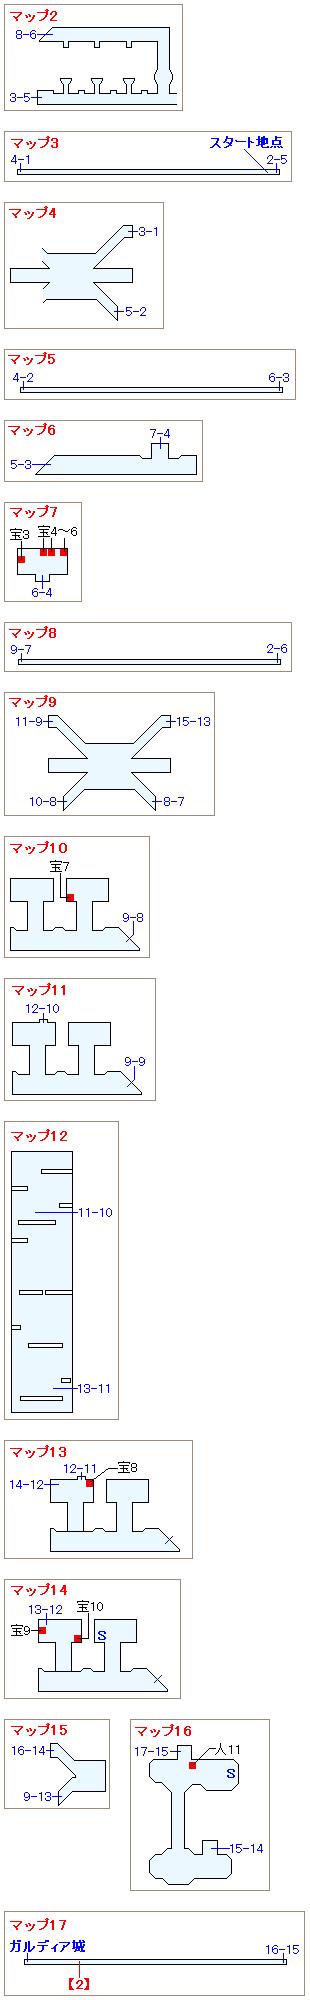 空中刑務所のマップ画像(2)